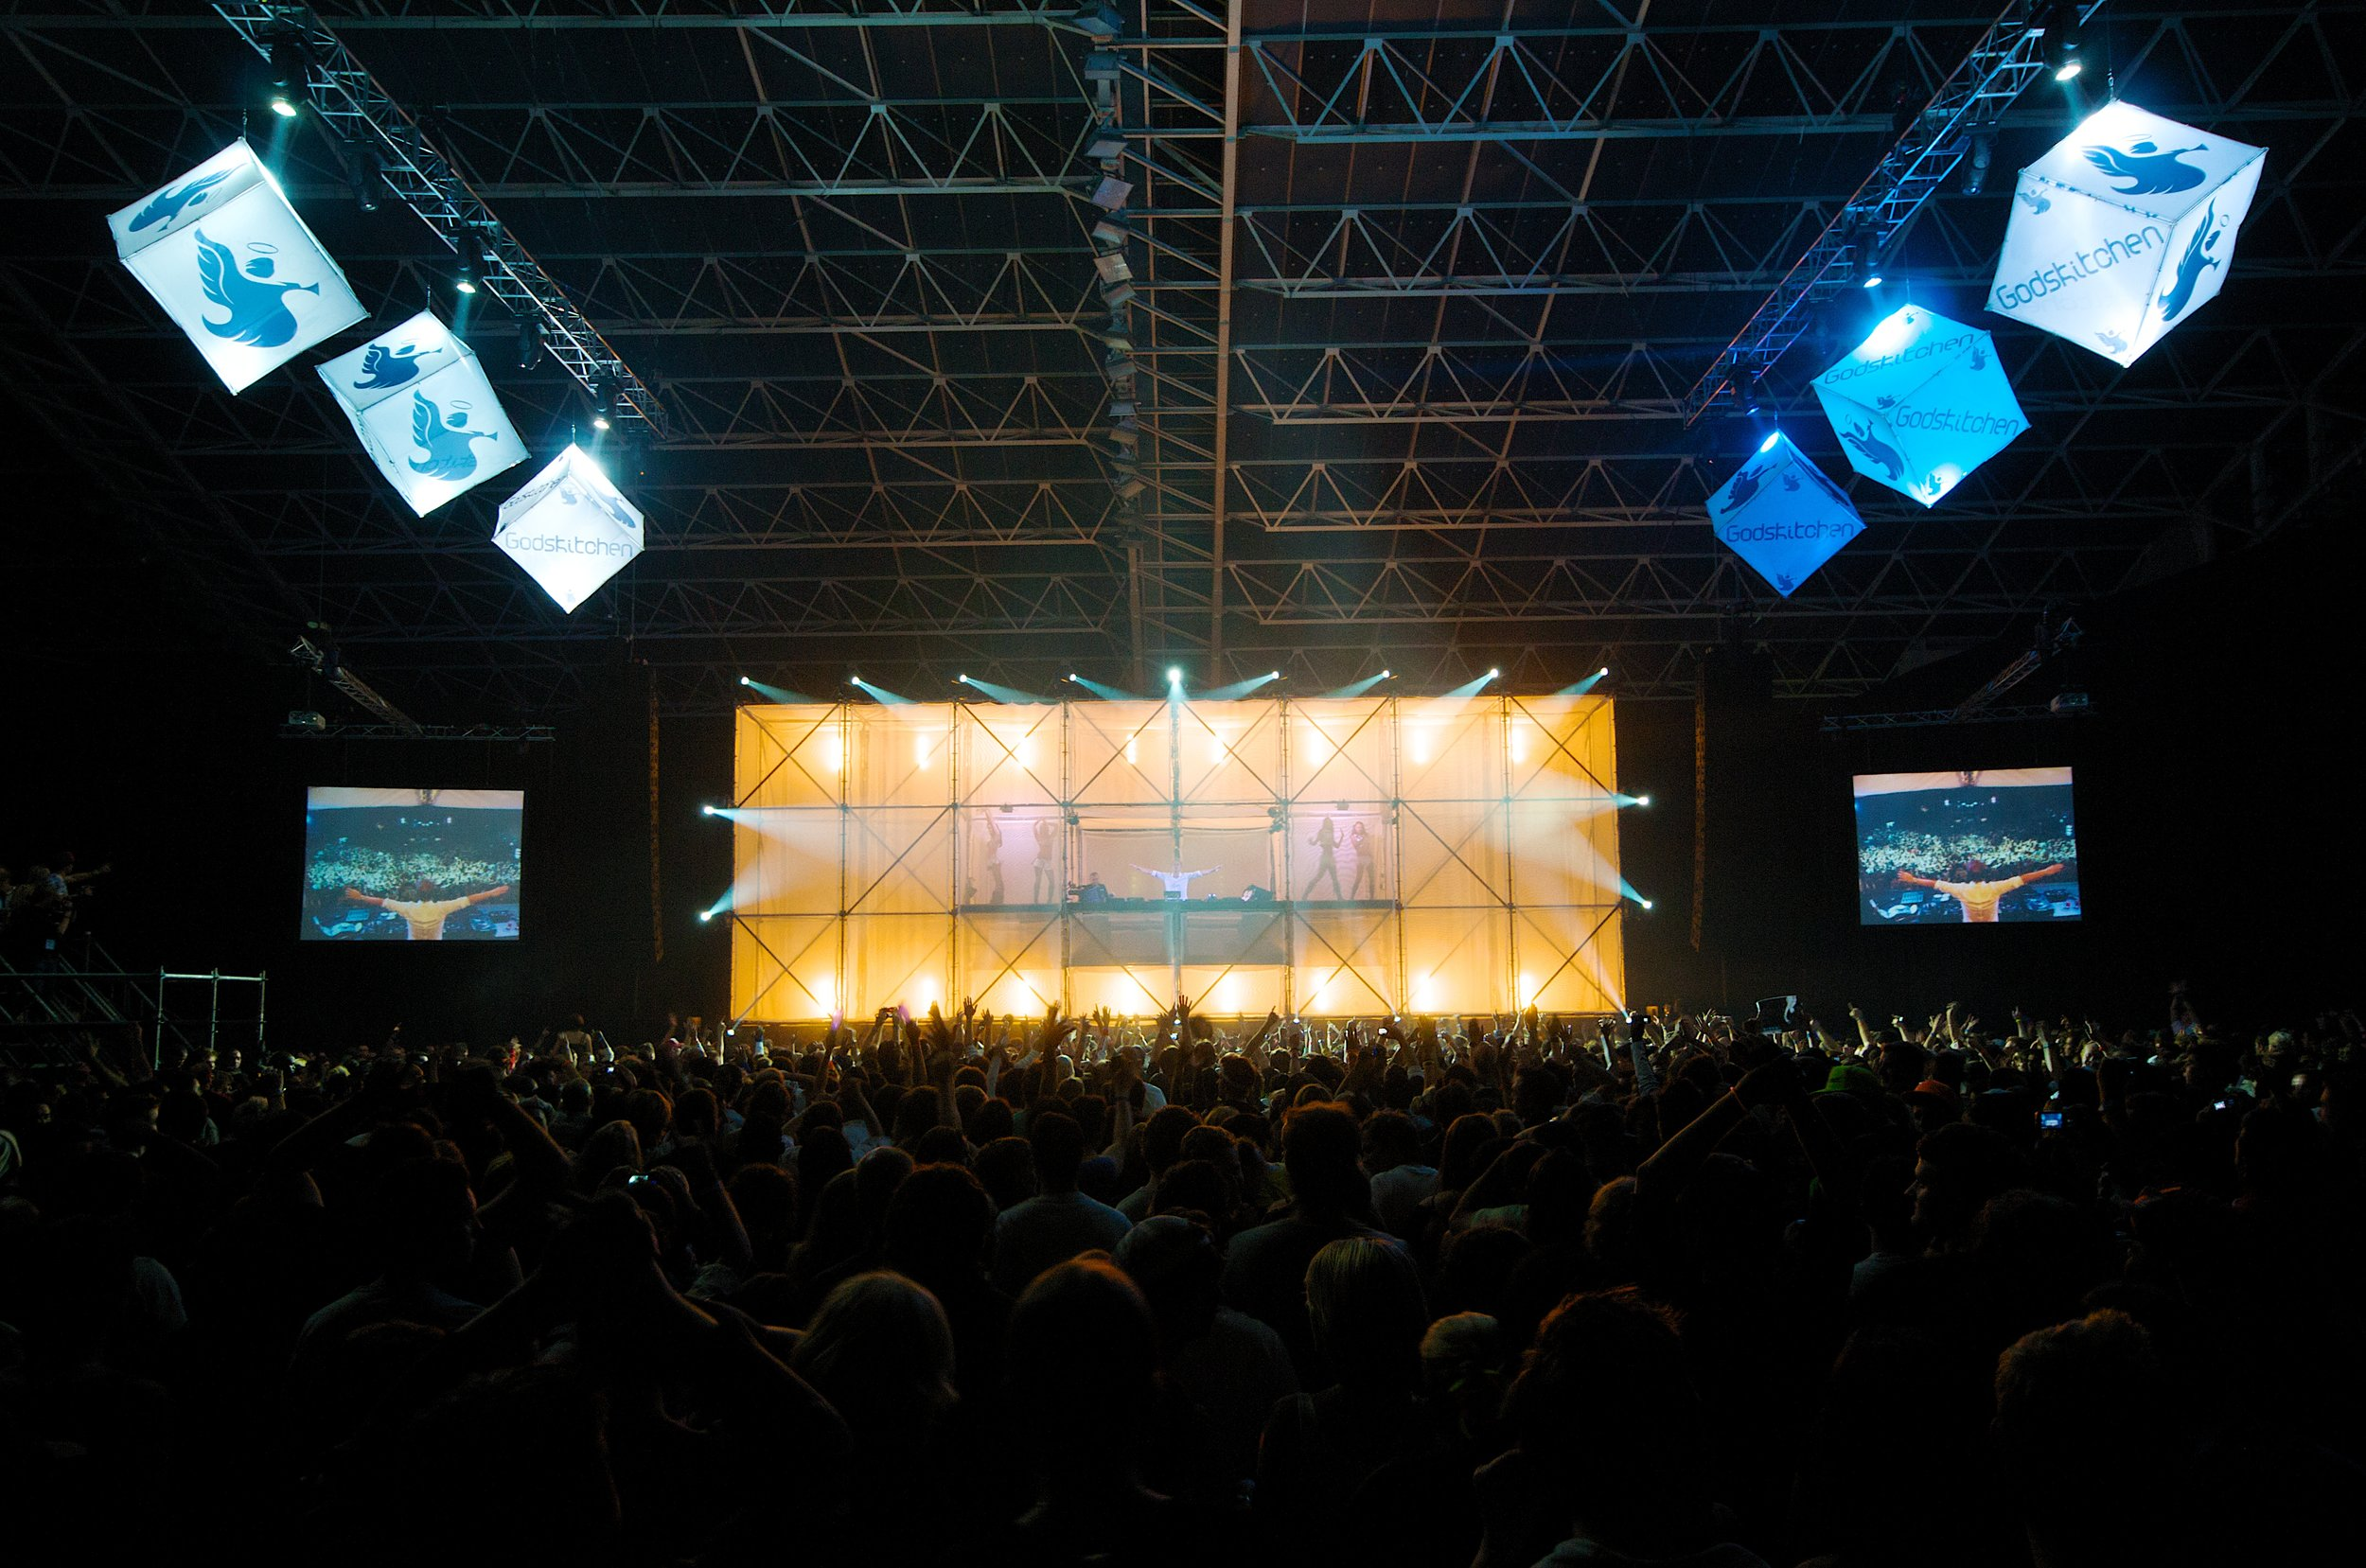 Godskitchen Boombox, World Tour (2009-2012)